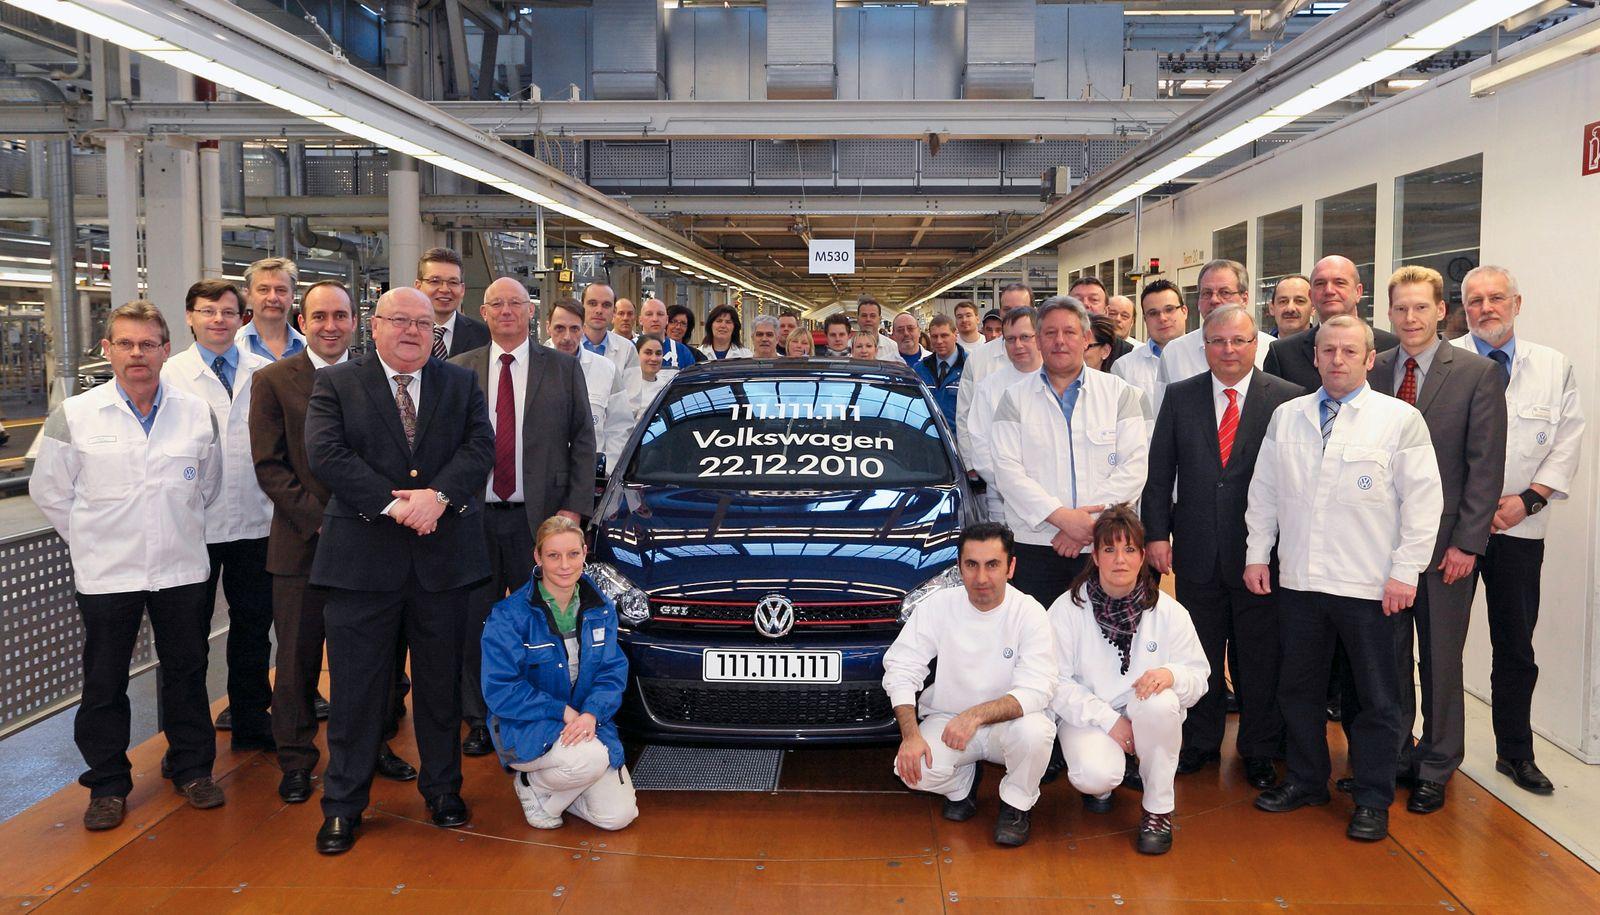 Volkswagen produziert das 111.111.111ste Fahrzeug / VW Golf